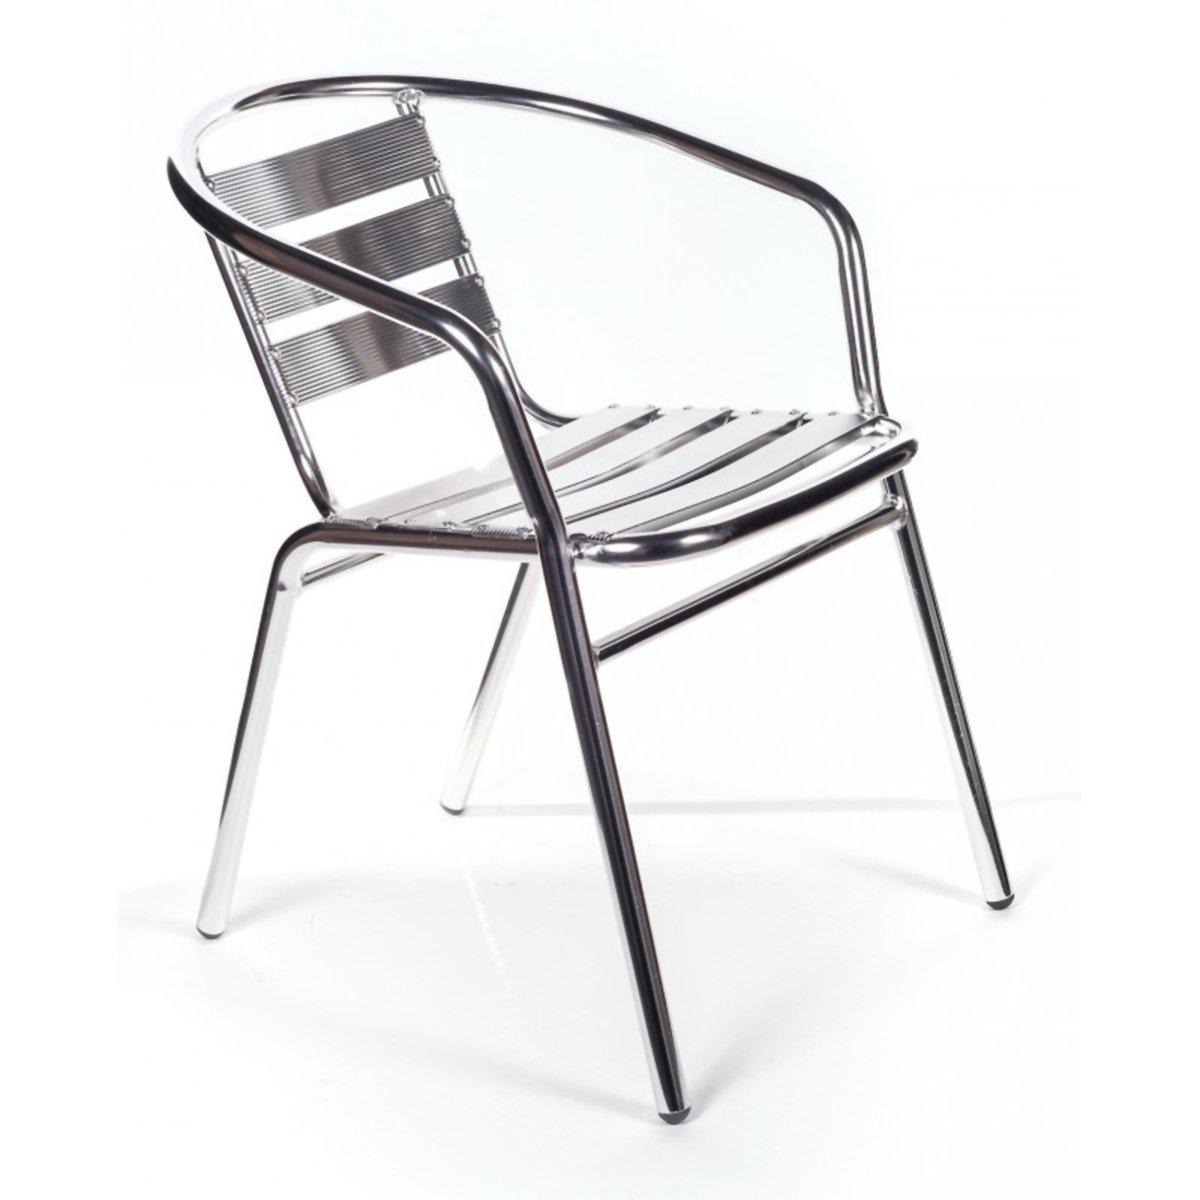 San Marco 2 sedie alluminio impilabili per bar da interno o esterno marca